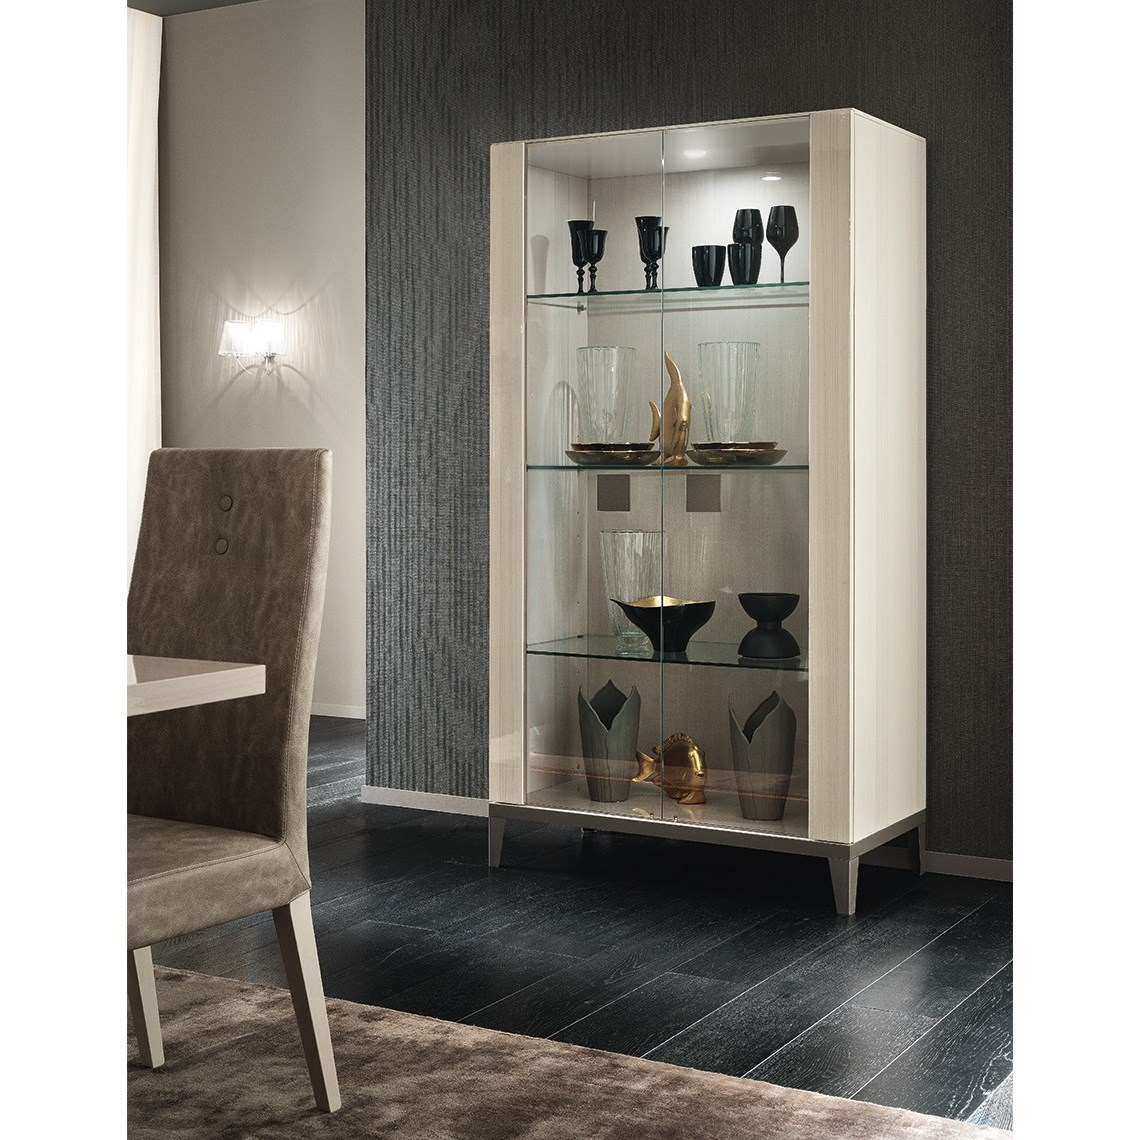 2 Door Curio Cabinet